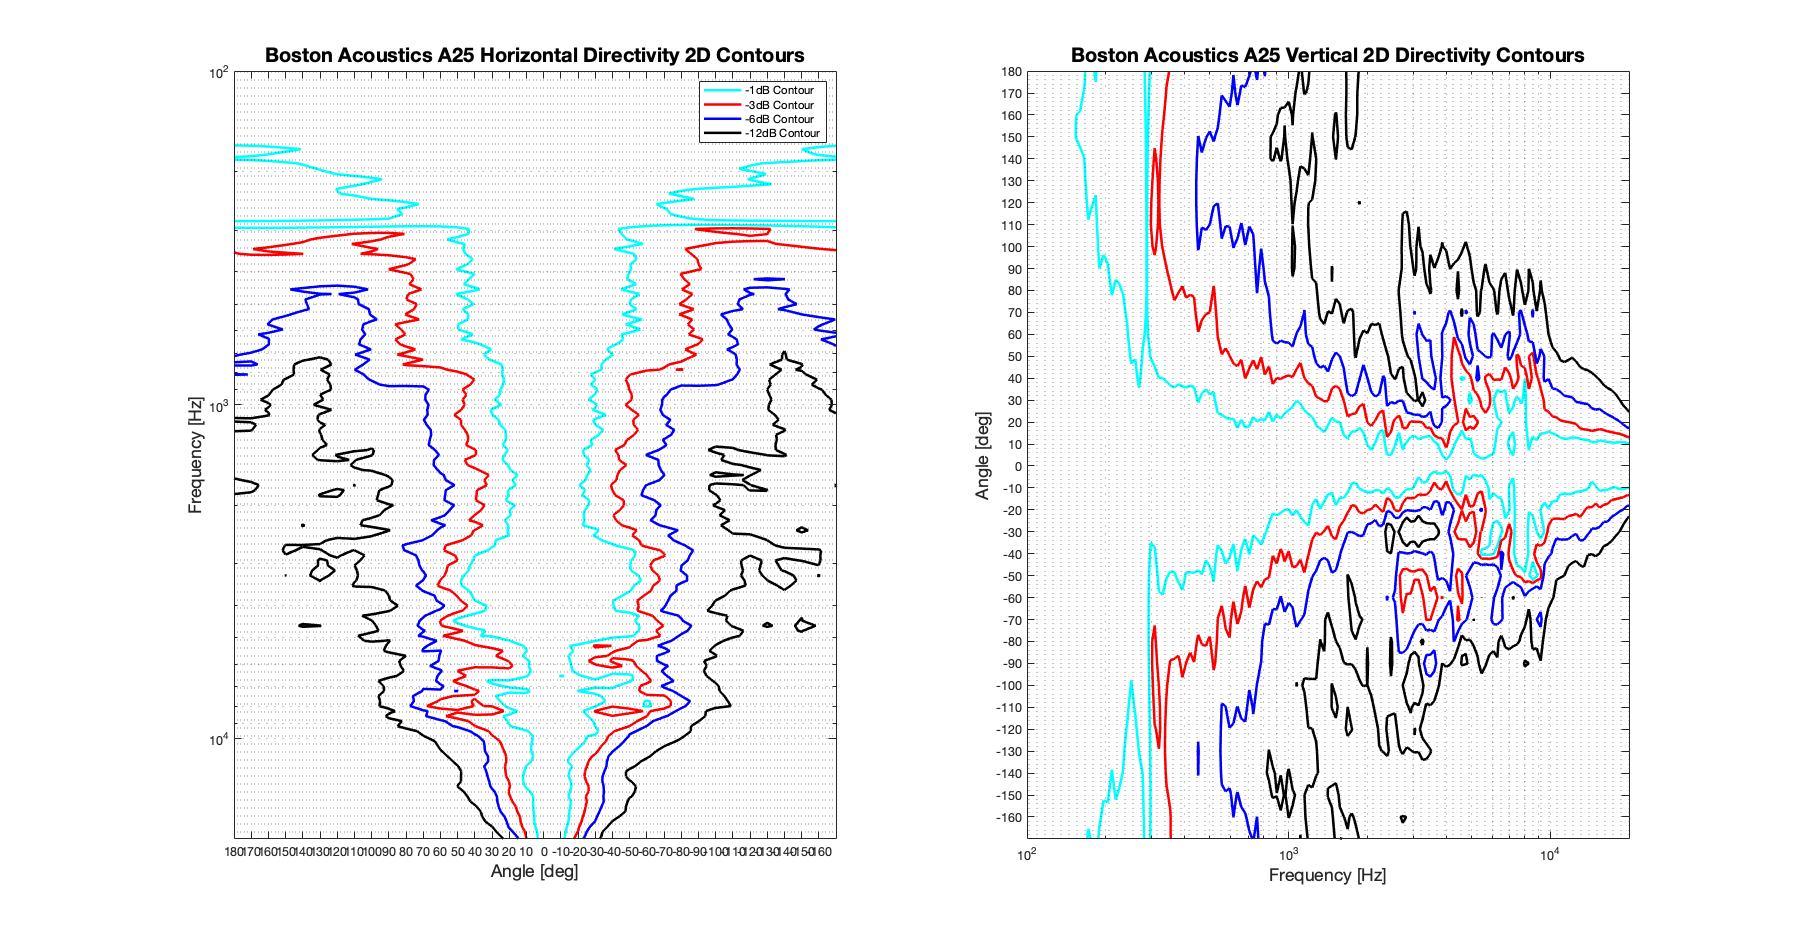 Boston Acoustics A25 2D surface Directivity Contour Only Data.png